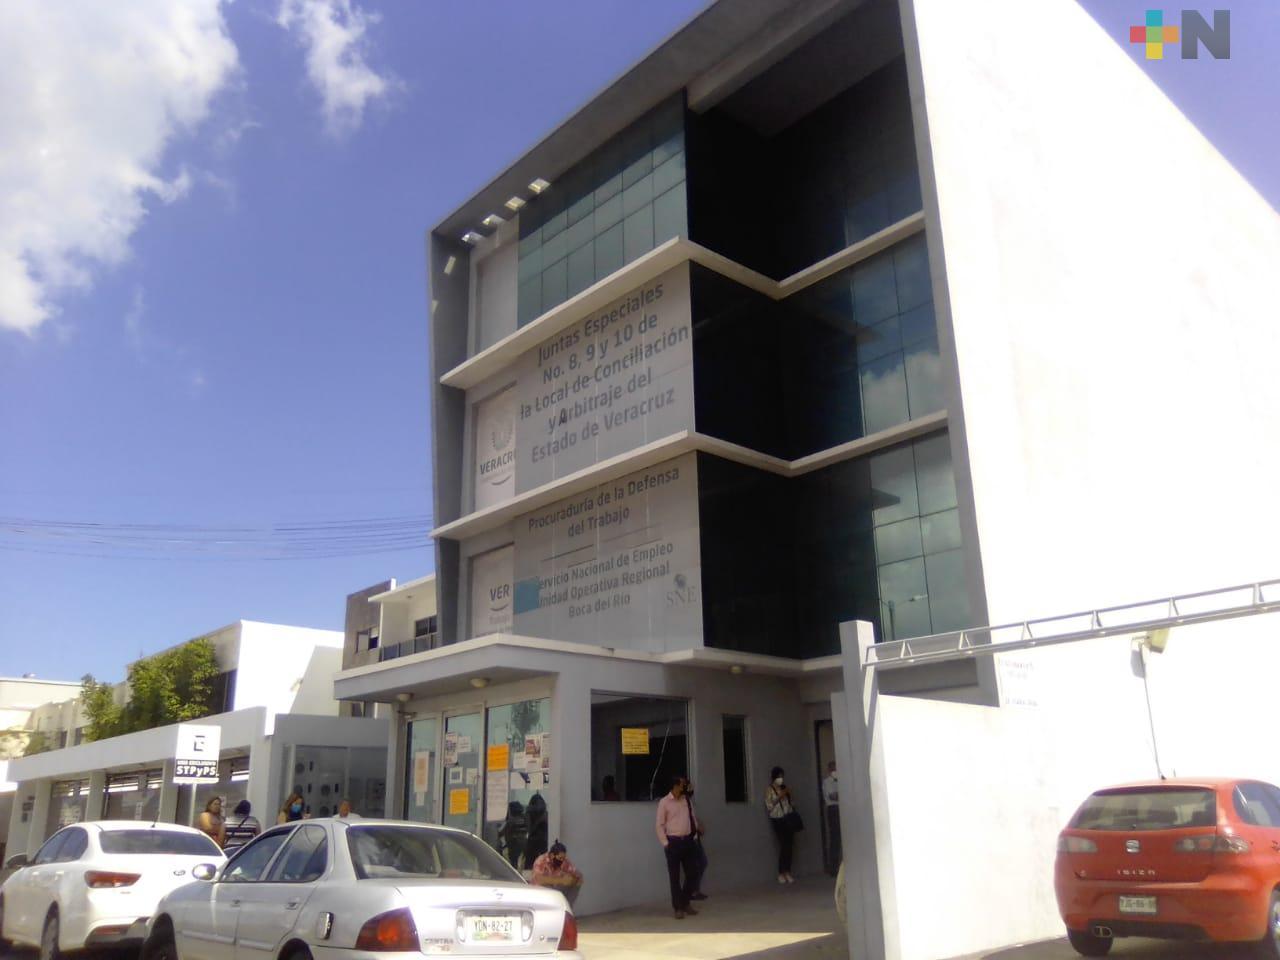 Por alerta preventiva, Junta Local de Conciliación  de Veracruz suspenderá actividades del 12 al 15 de febrero